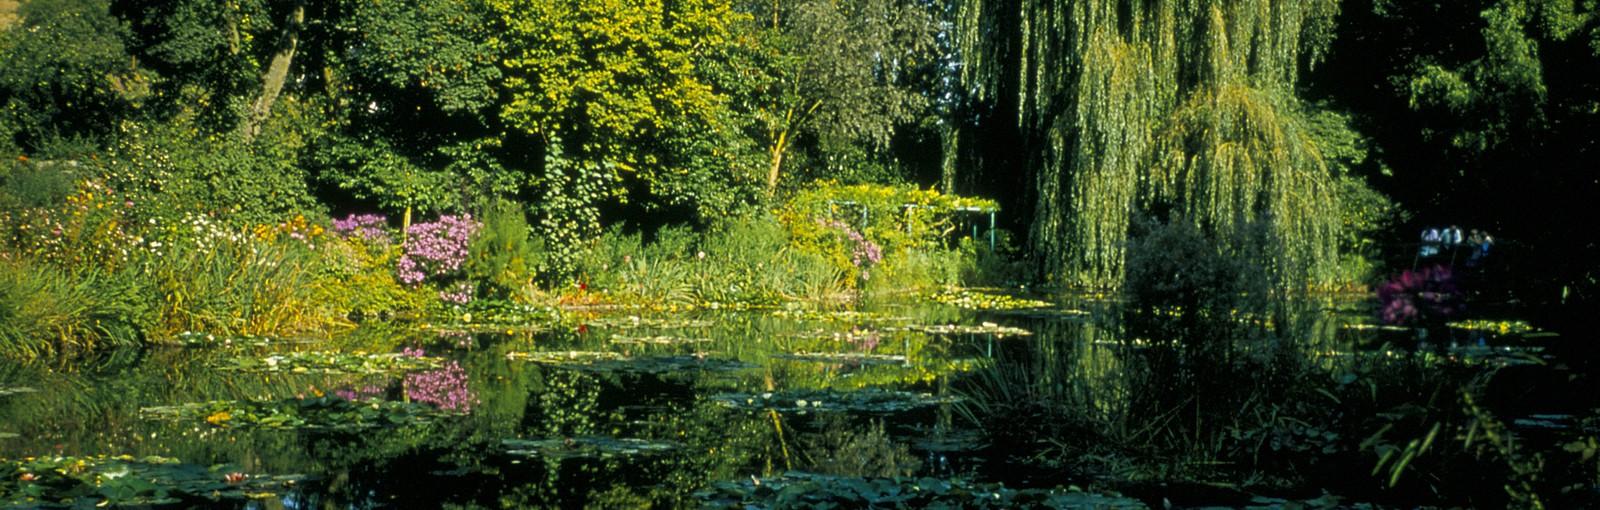 Tours Giverny (o Chartres) y Versailles - Días completos - Excursiones desde París